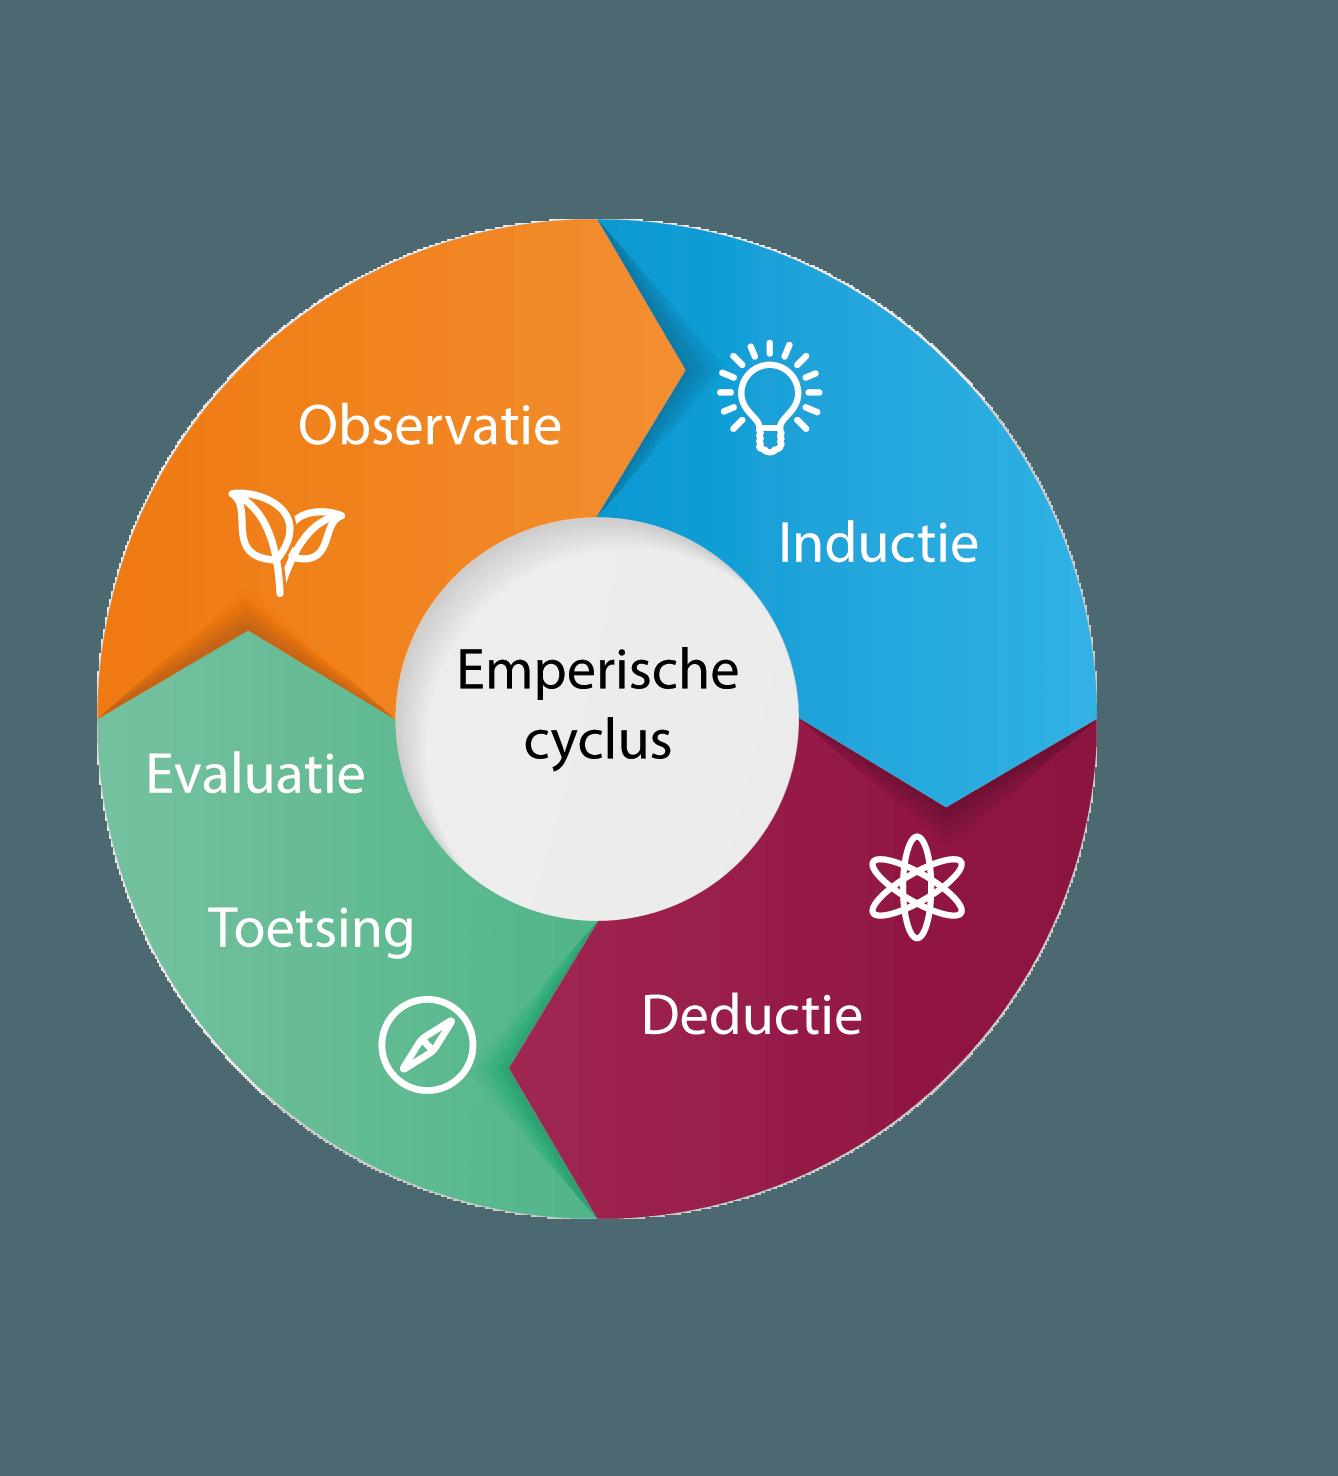 Emperische cyclus